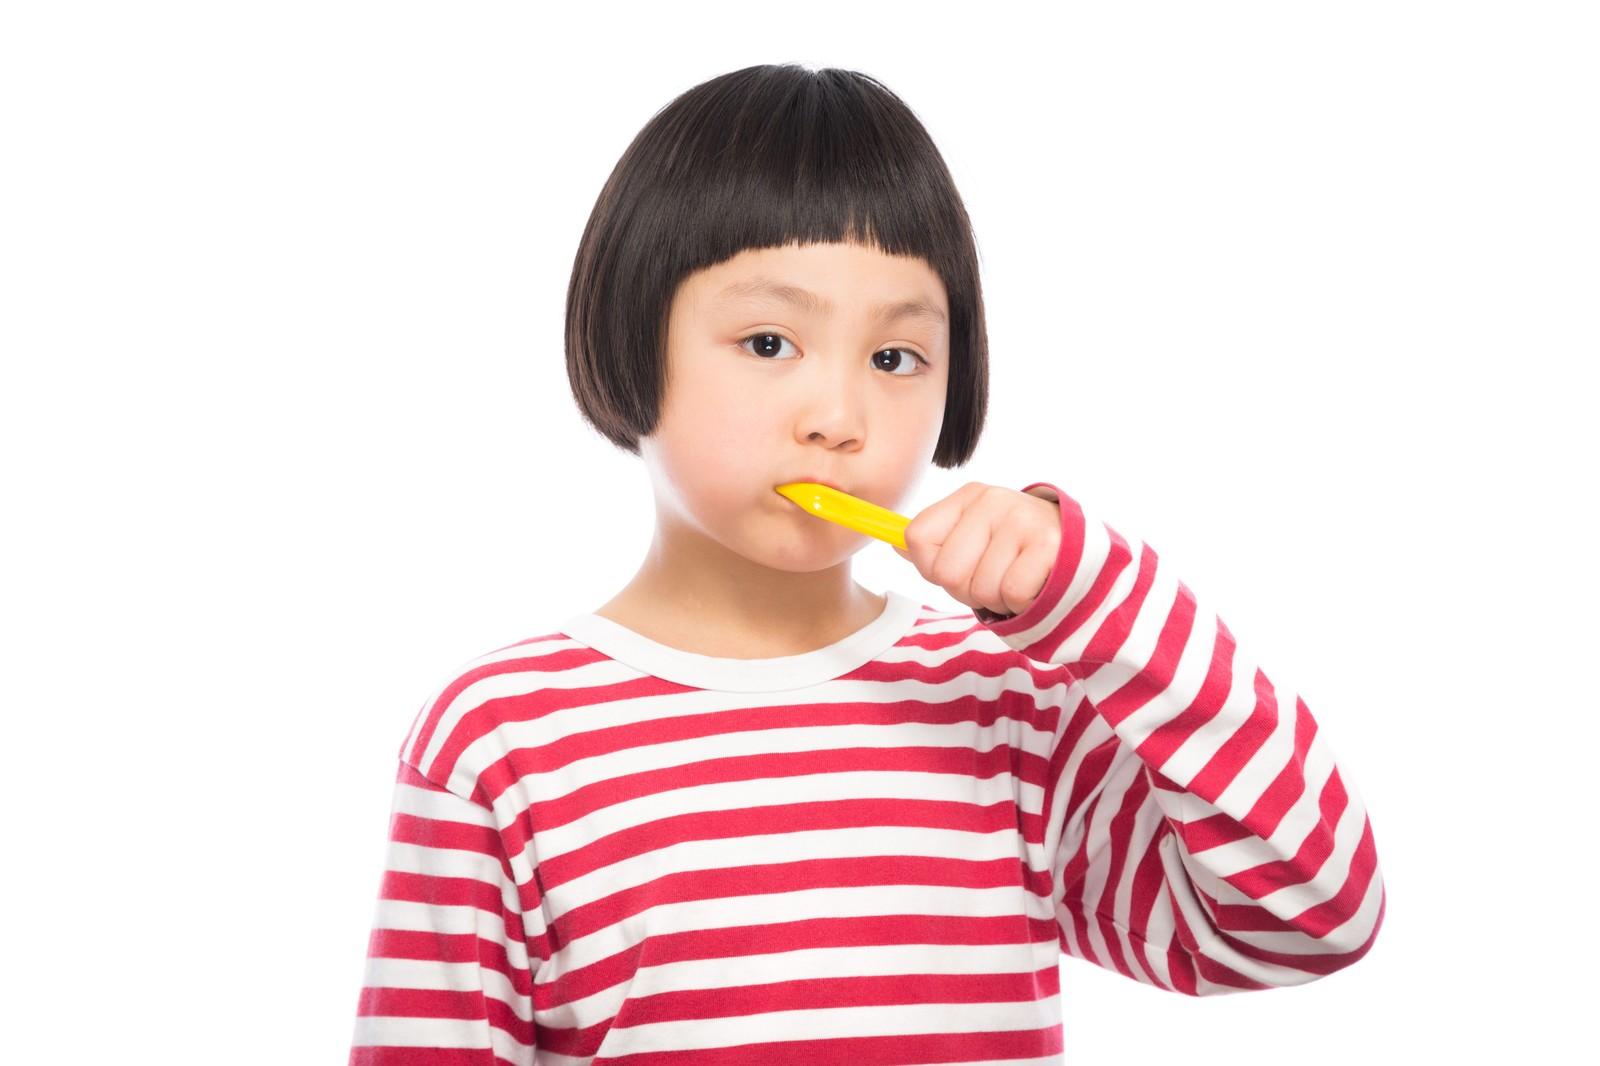 ポリリン酸ナトリウム配合の歯磨き粉で健康的に歯を白くしよう!